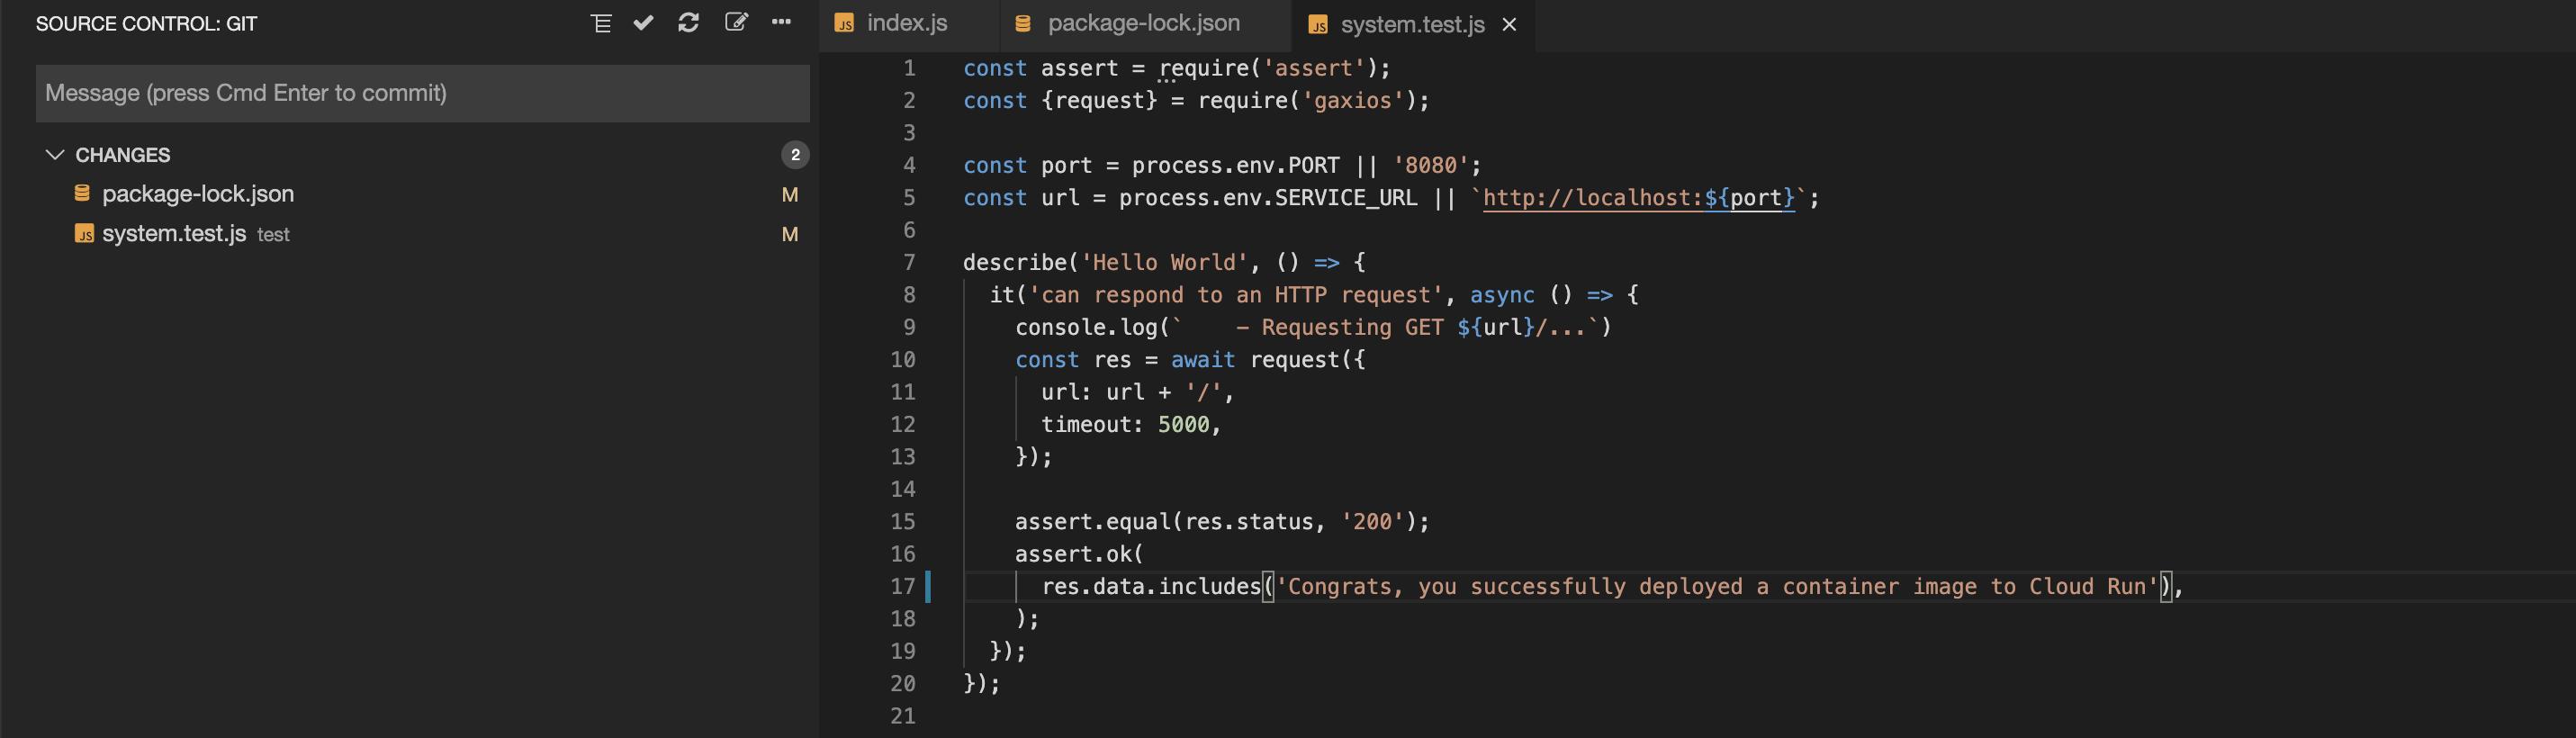 """更改过的文件列在""""源代码控制:Git""""视图下的""""更改""""部分"""